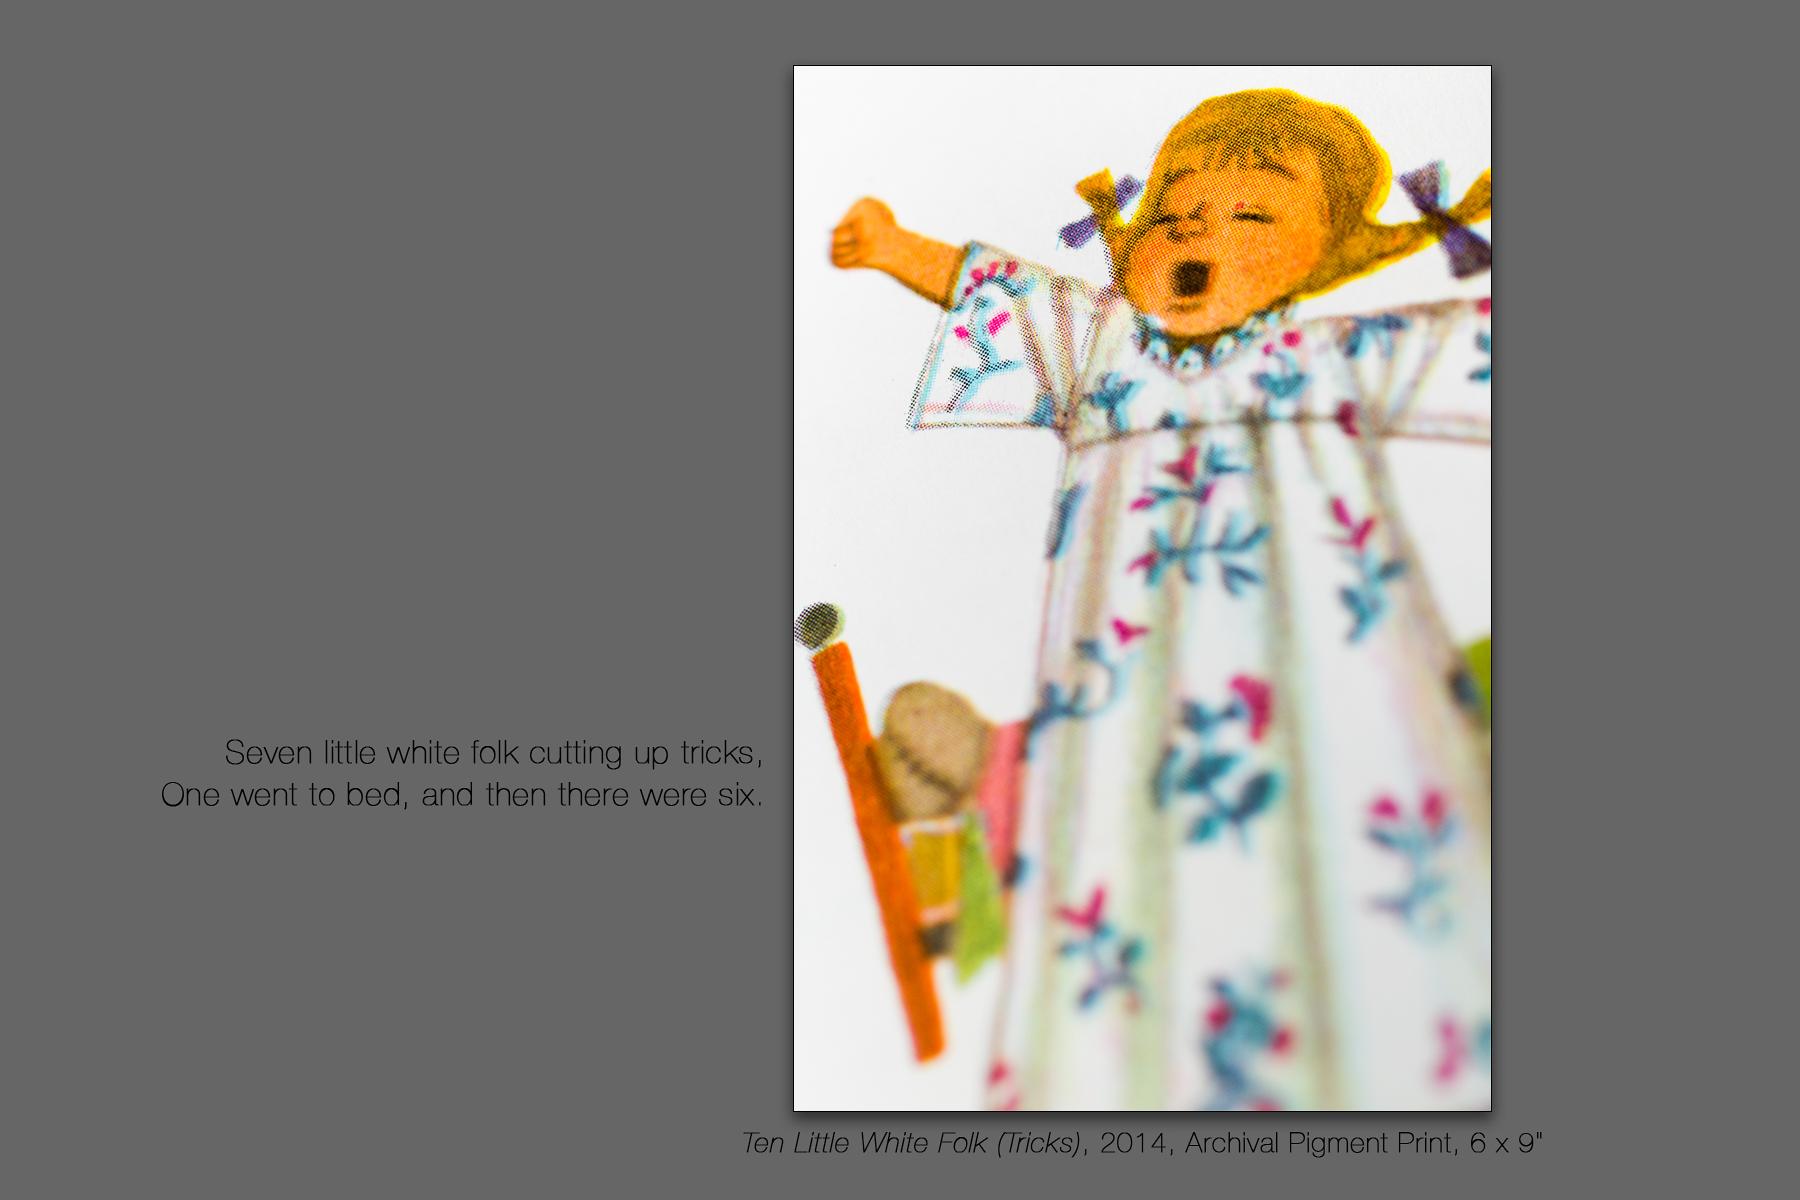 Ten Little White Folk (Tricks), 2014